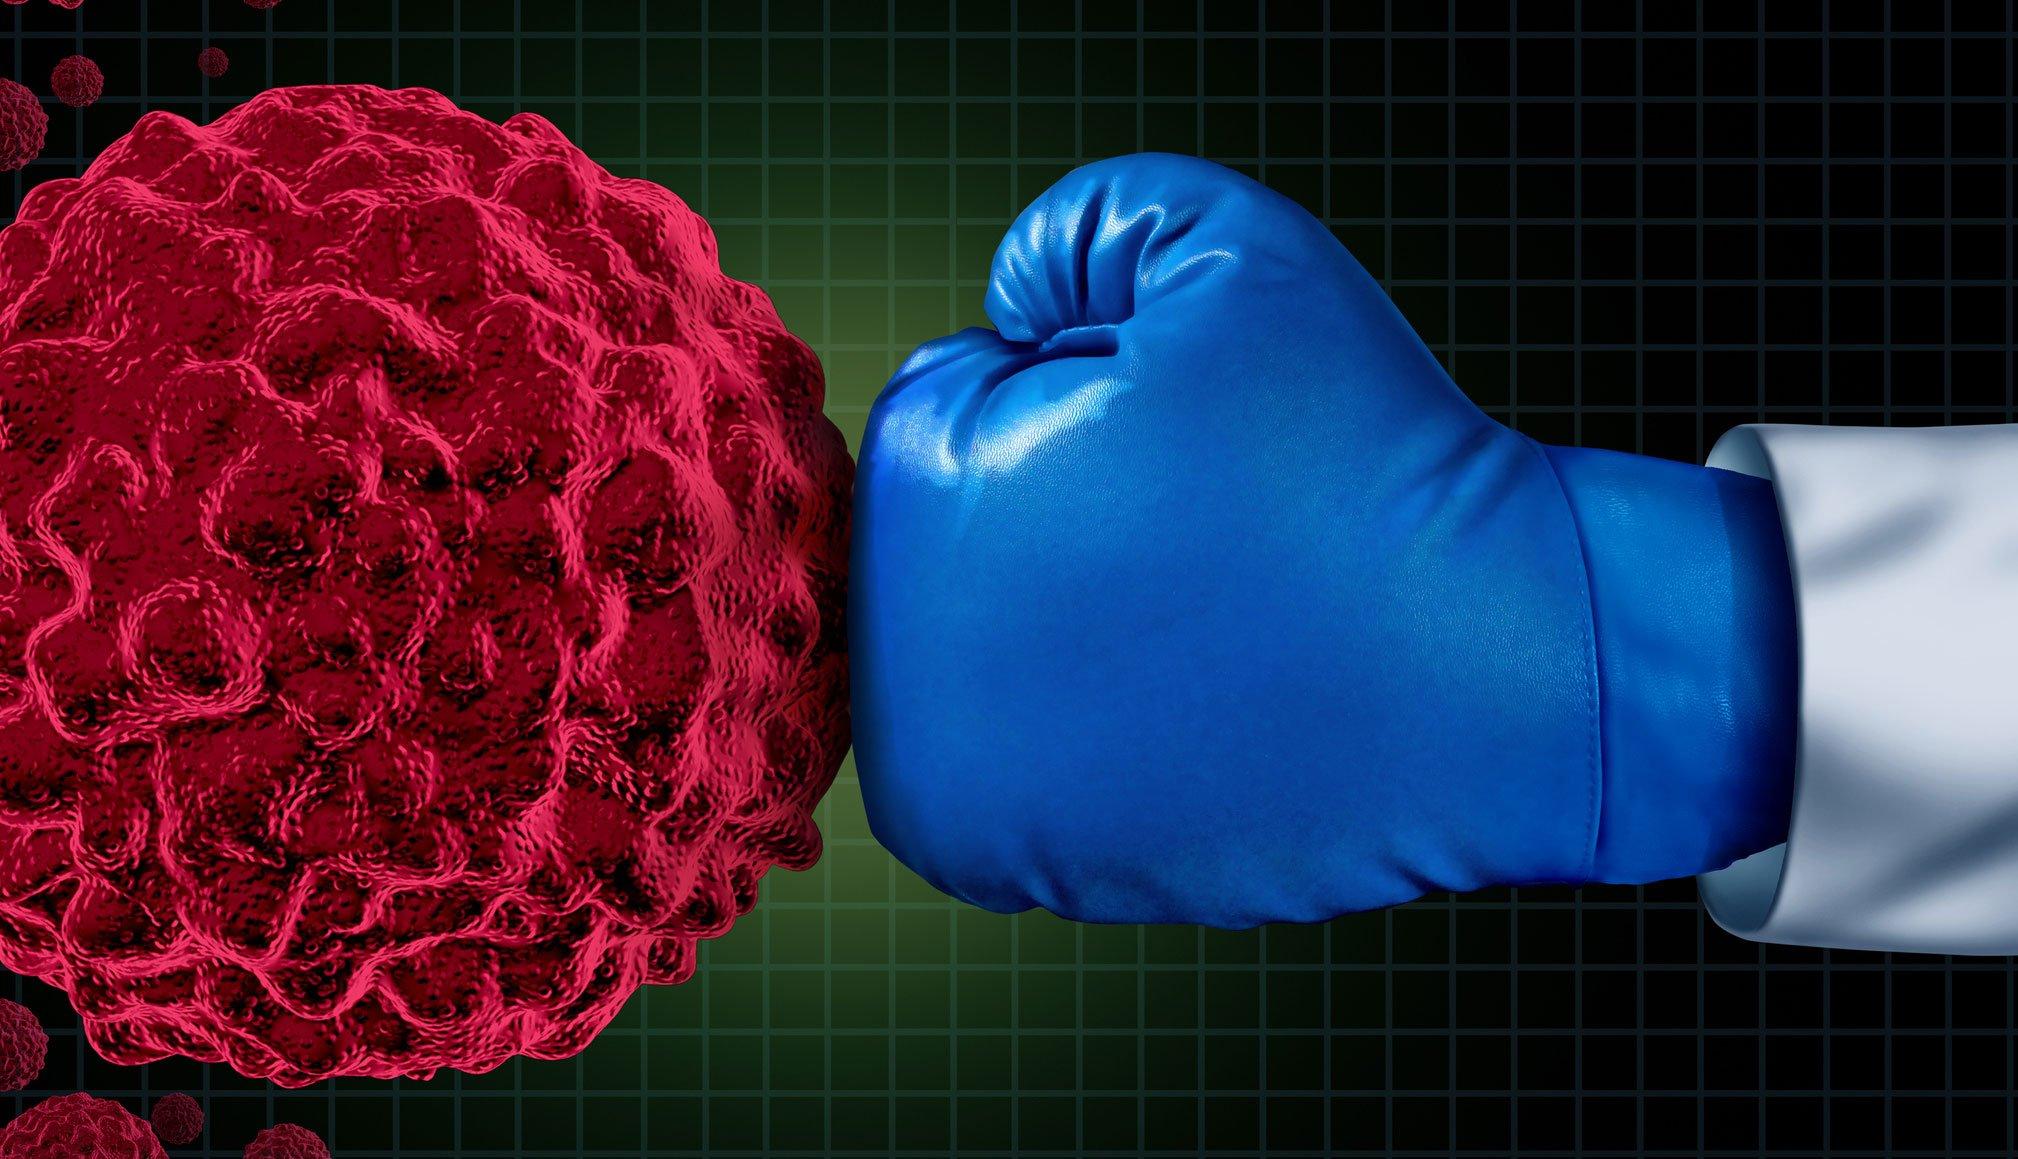 Mano con guante de boxeo golpeando al cáncer